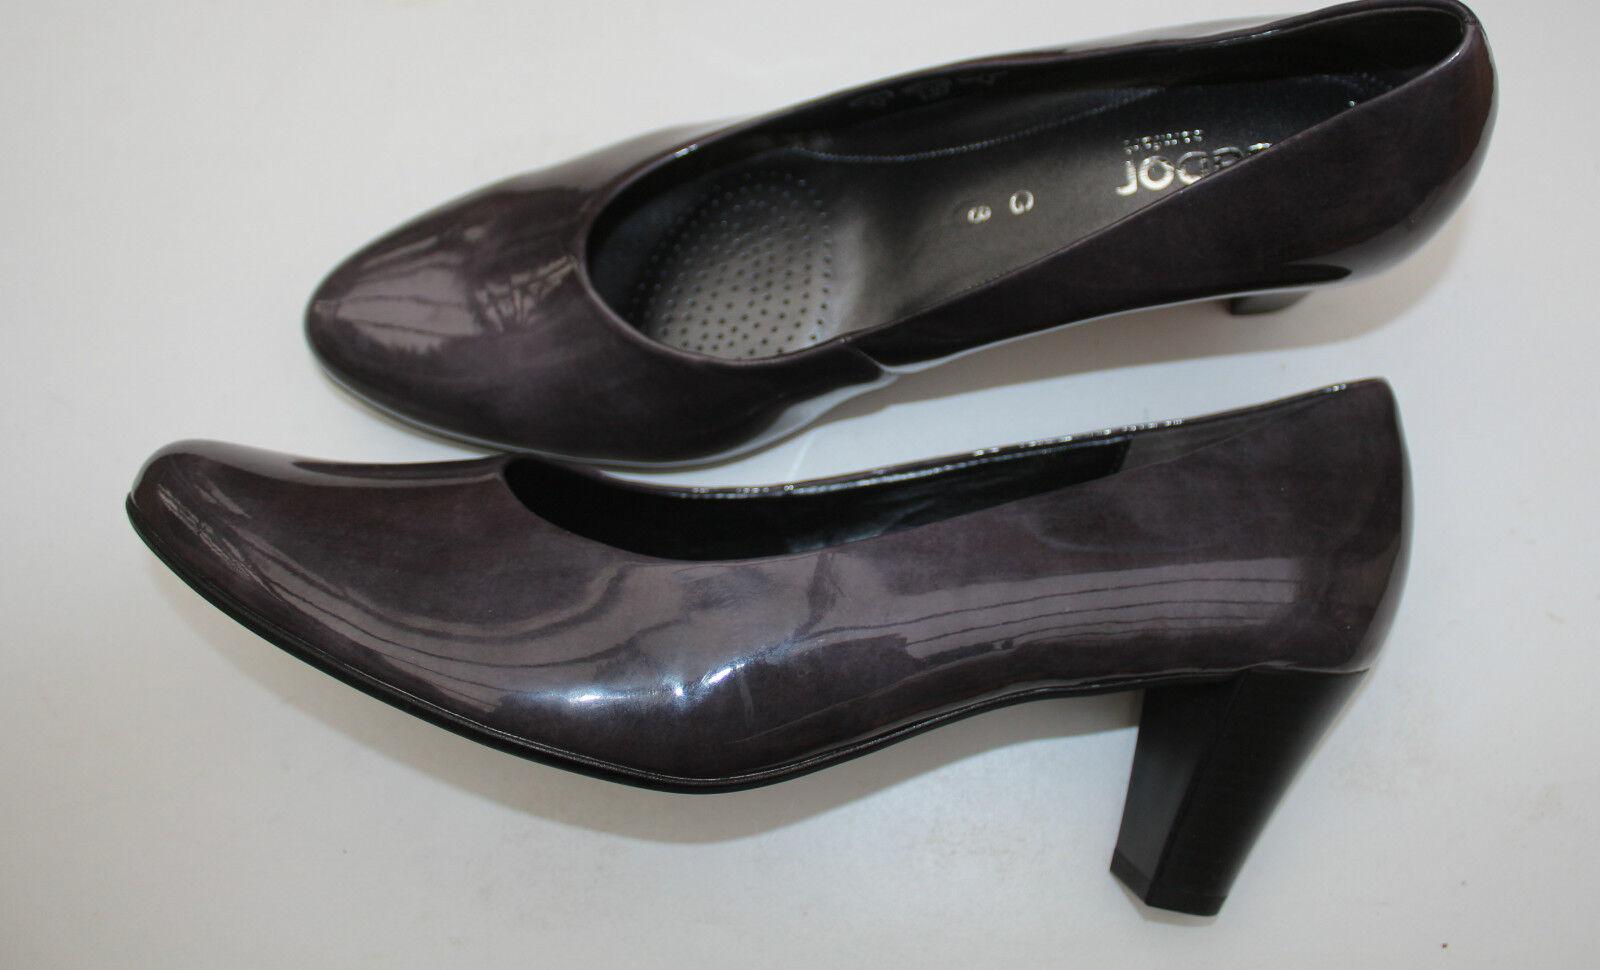 Schuhe - Pumps Gabor Gr. 8 - 42 - Neuware glänzend - grau - Neuware - fef3d3